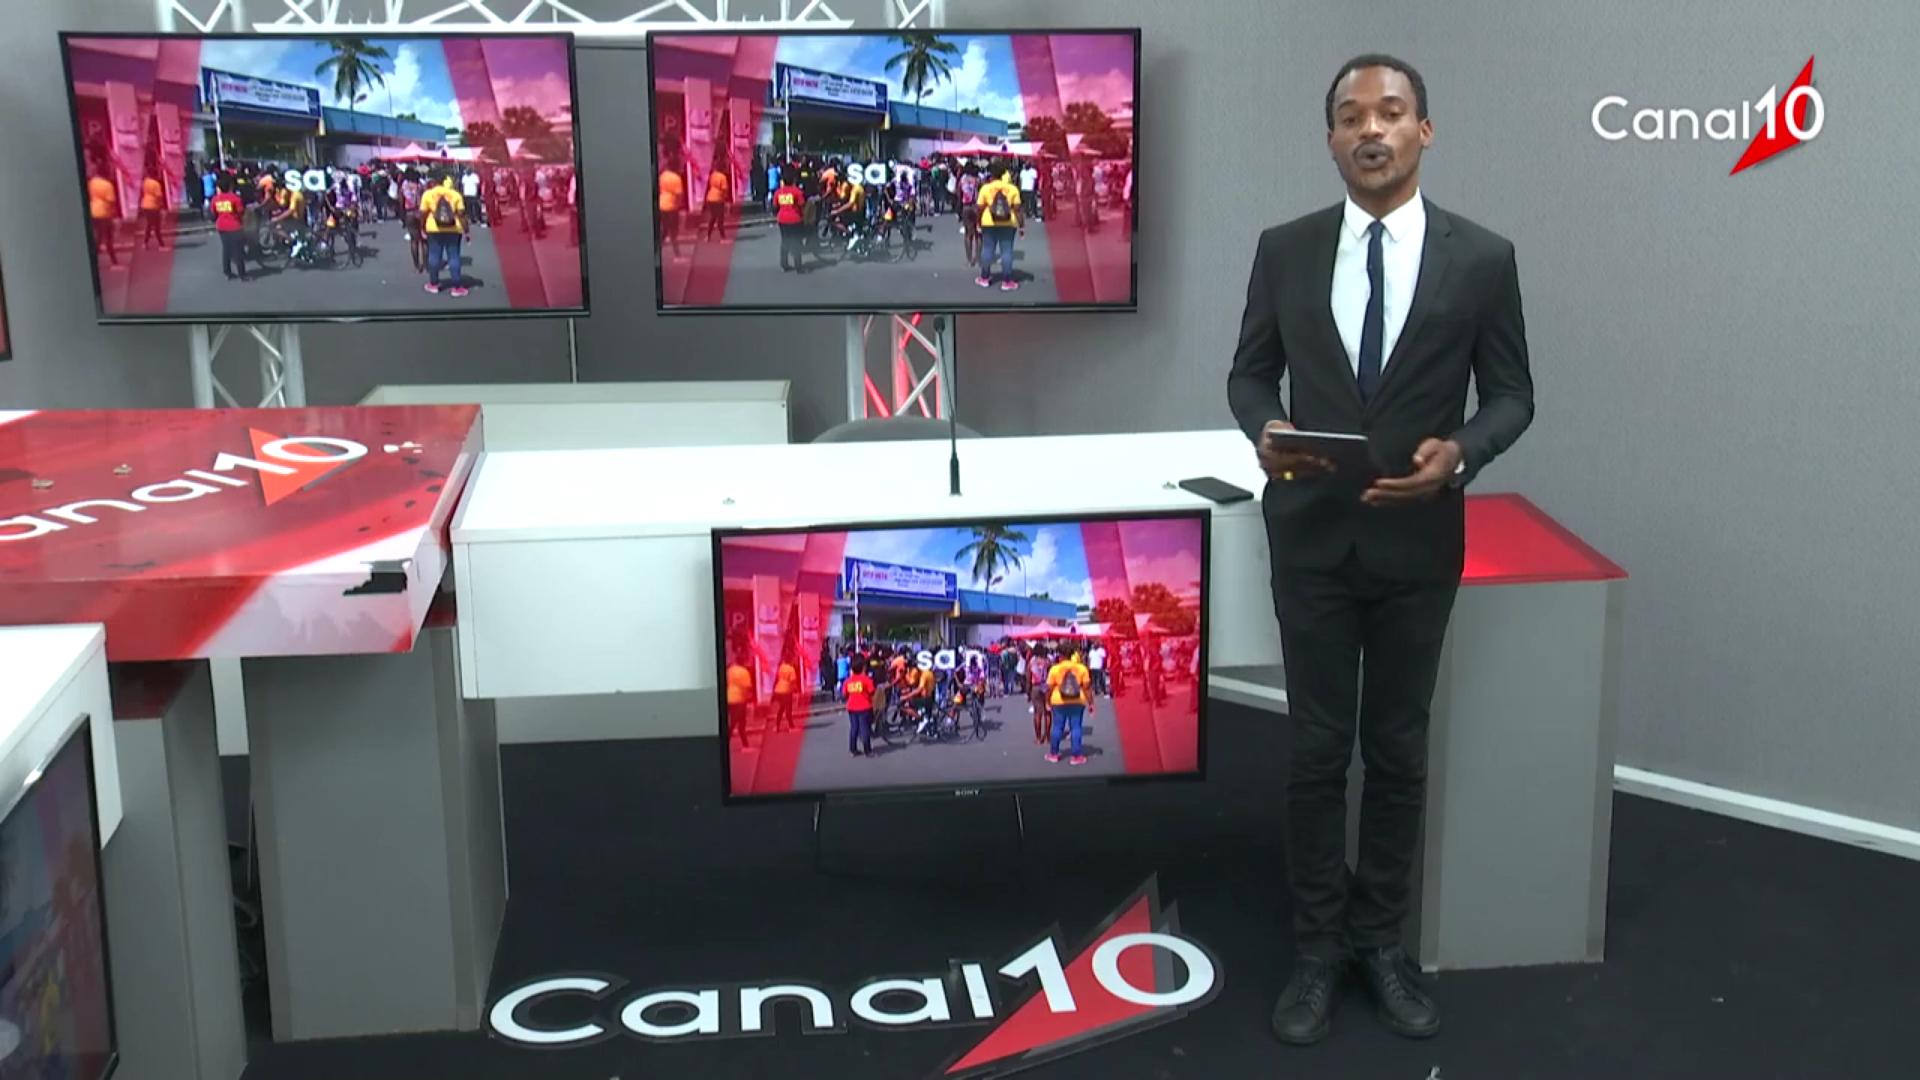 [Vidéo]Onews Guadeloupe. LeJt de Canal 10